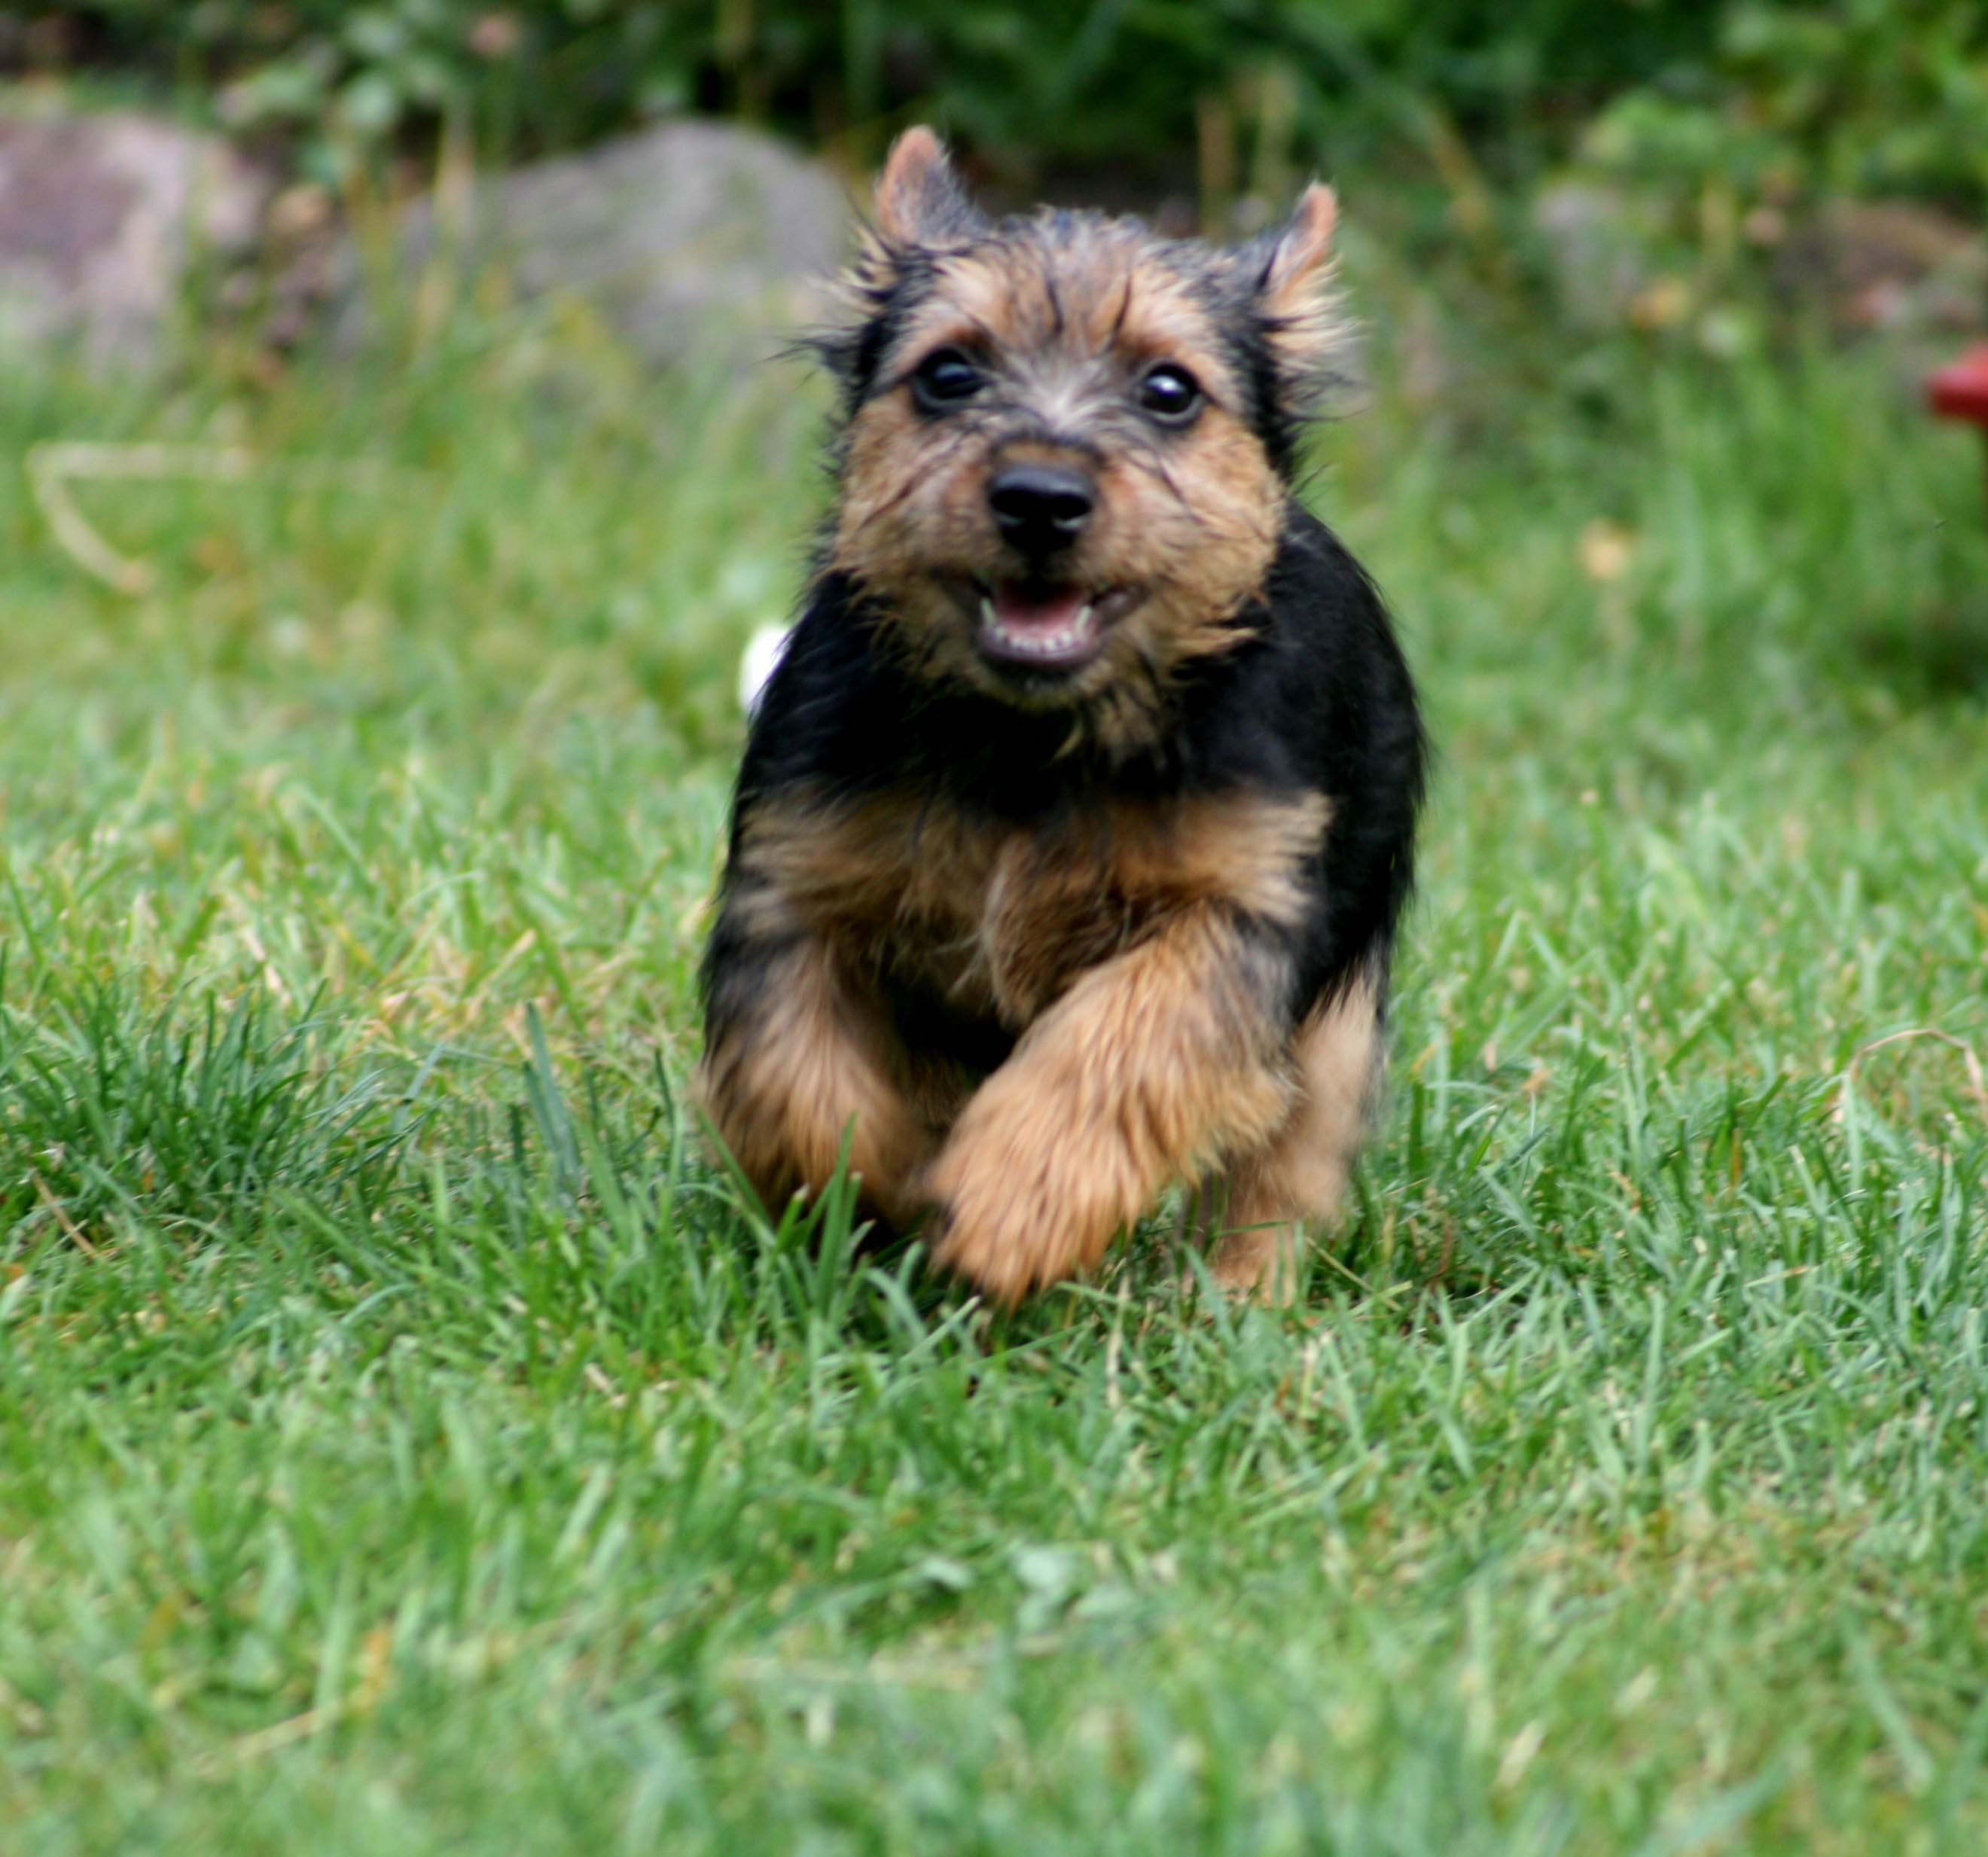 Running Norwich Terrier dog wallpaper